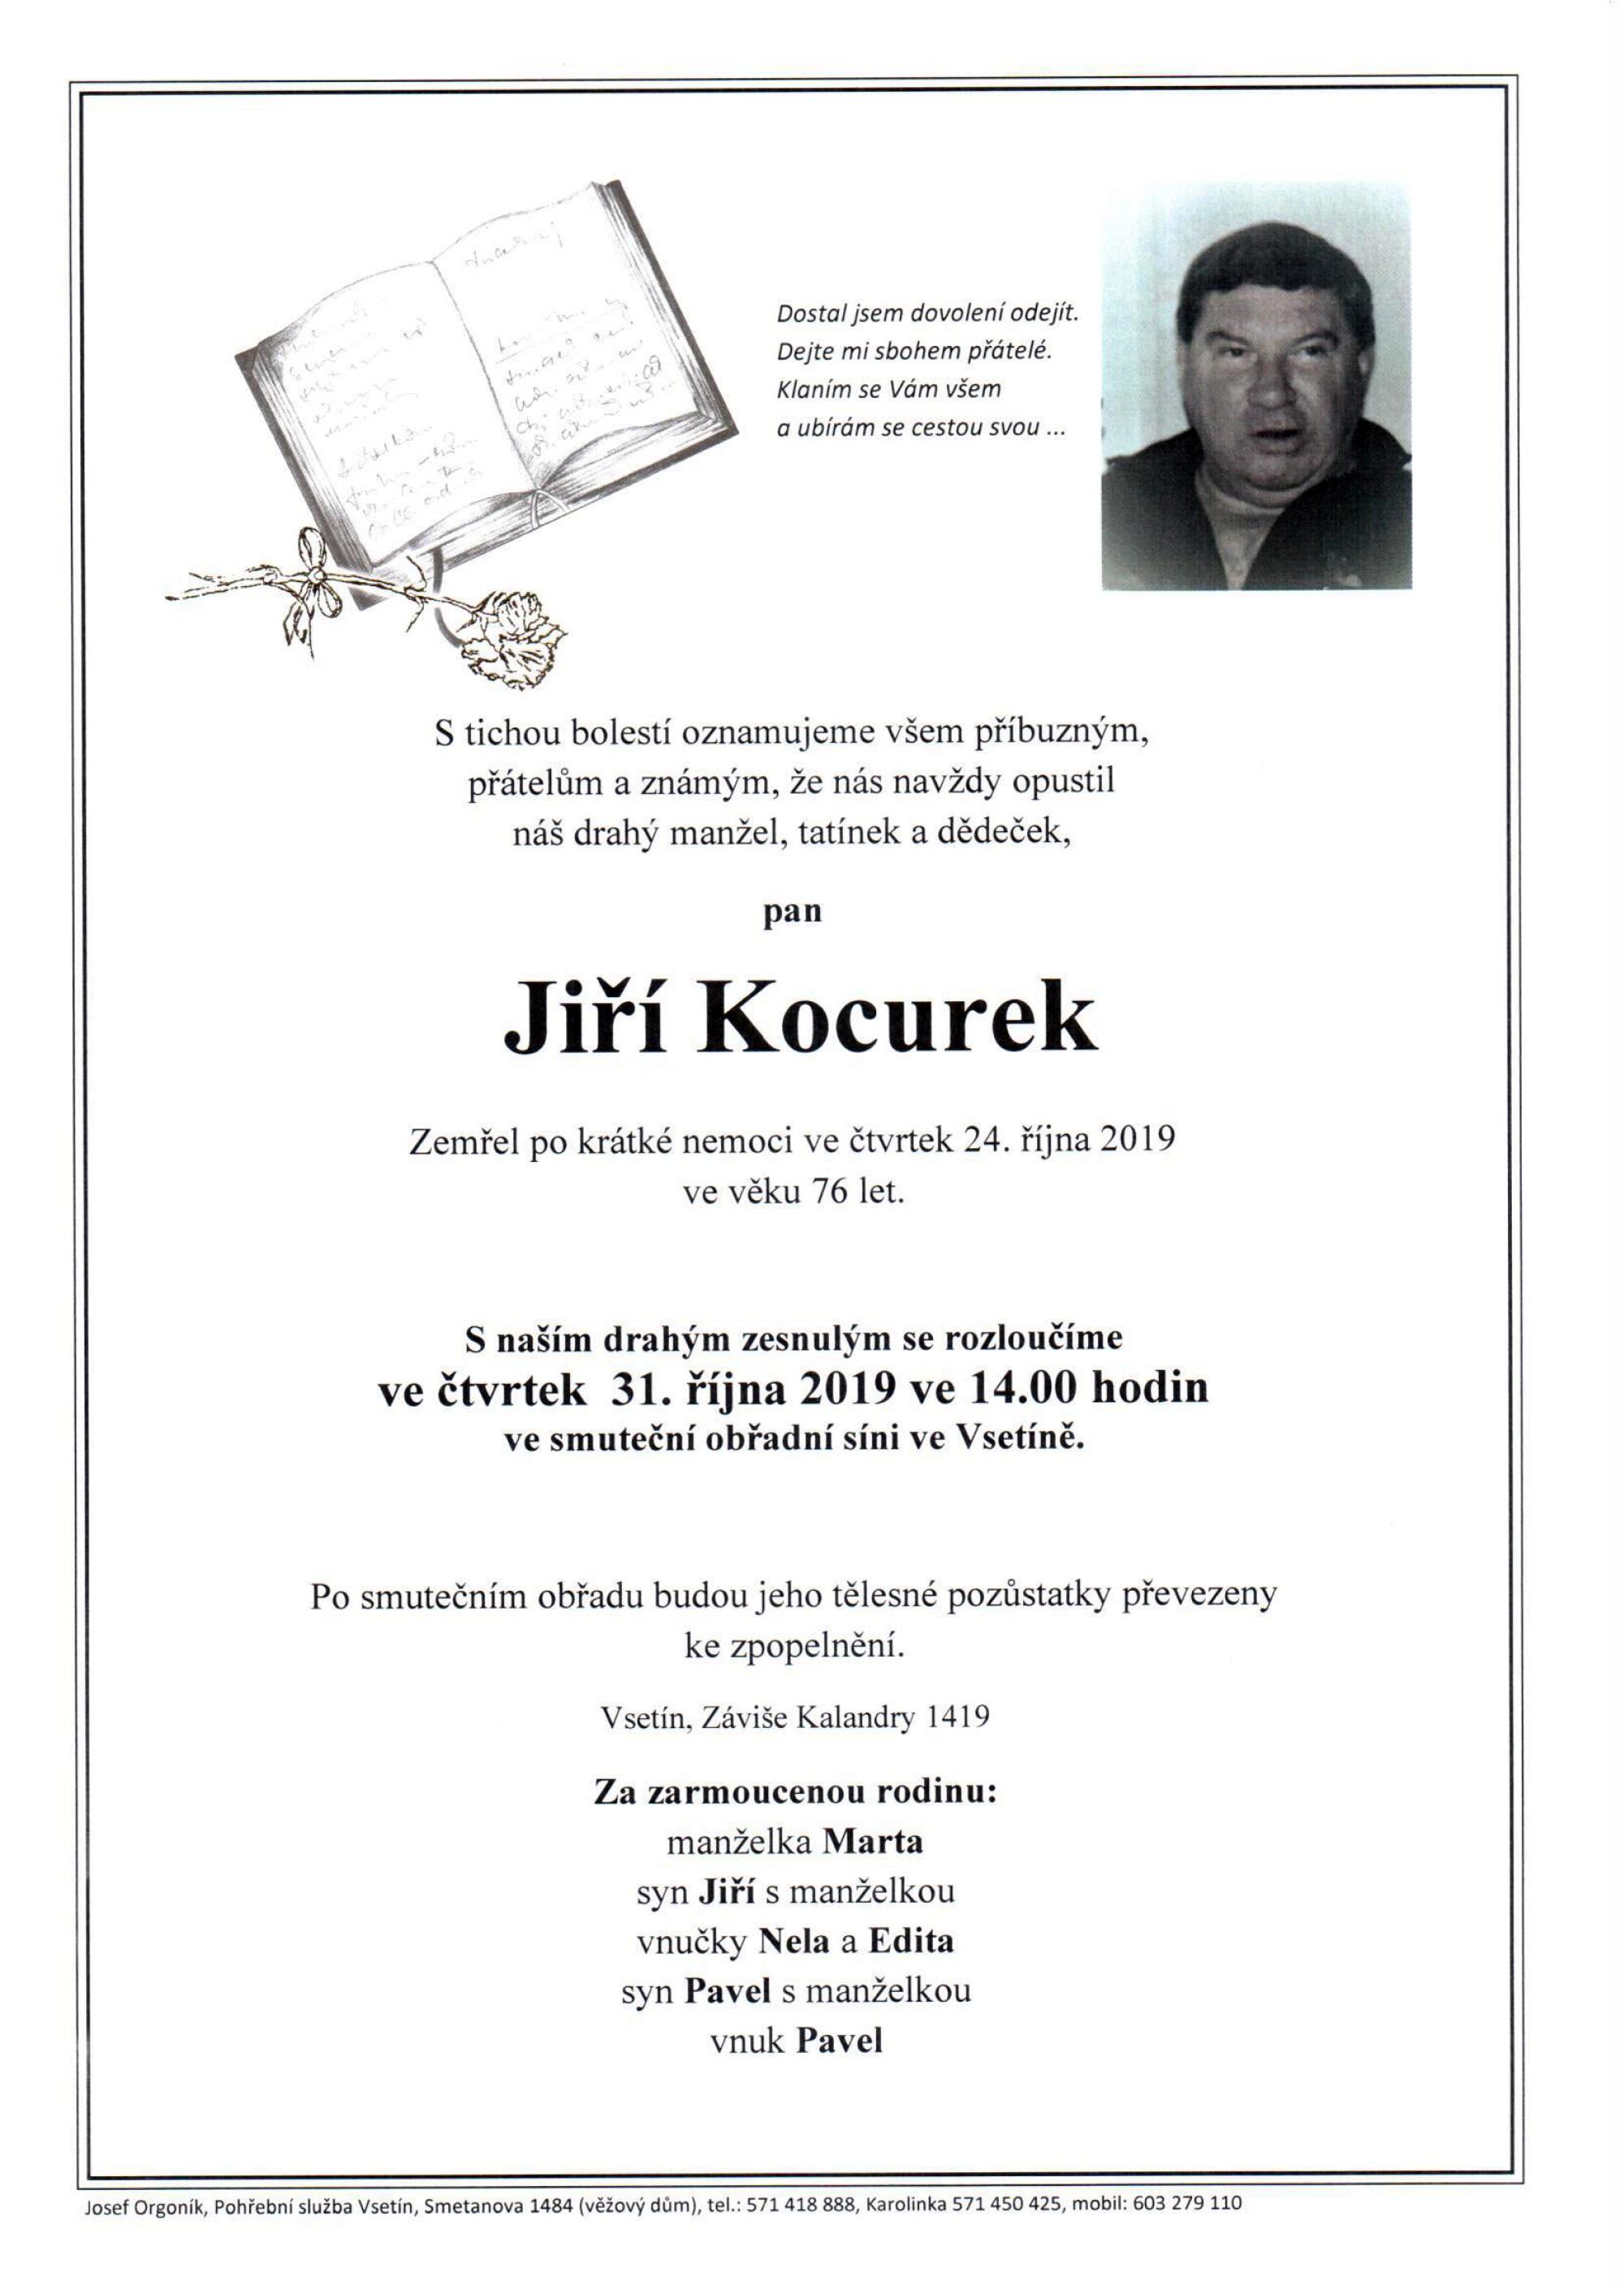 Jiří Kocurek